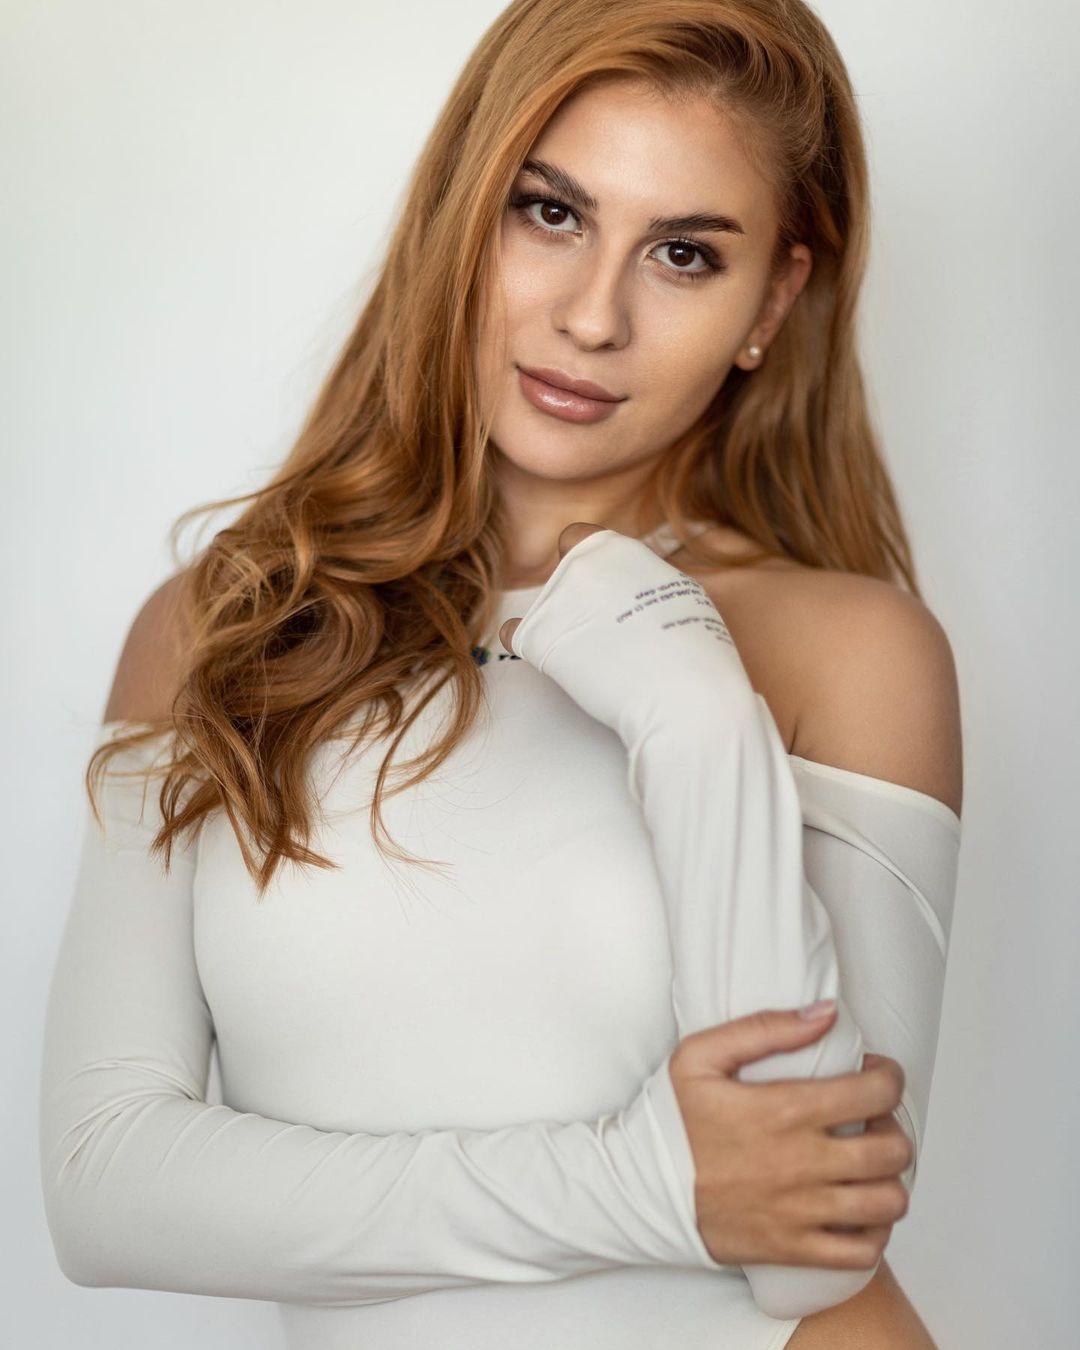 candidatas a miss universe ukraine 2021. final: 15 oct. - Página 2 5f1FDb